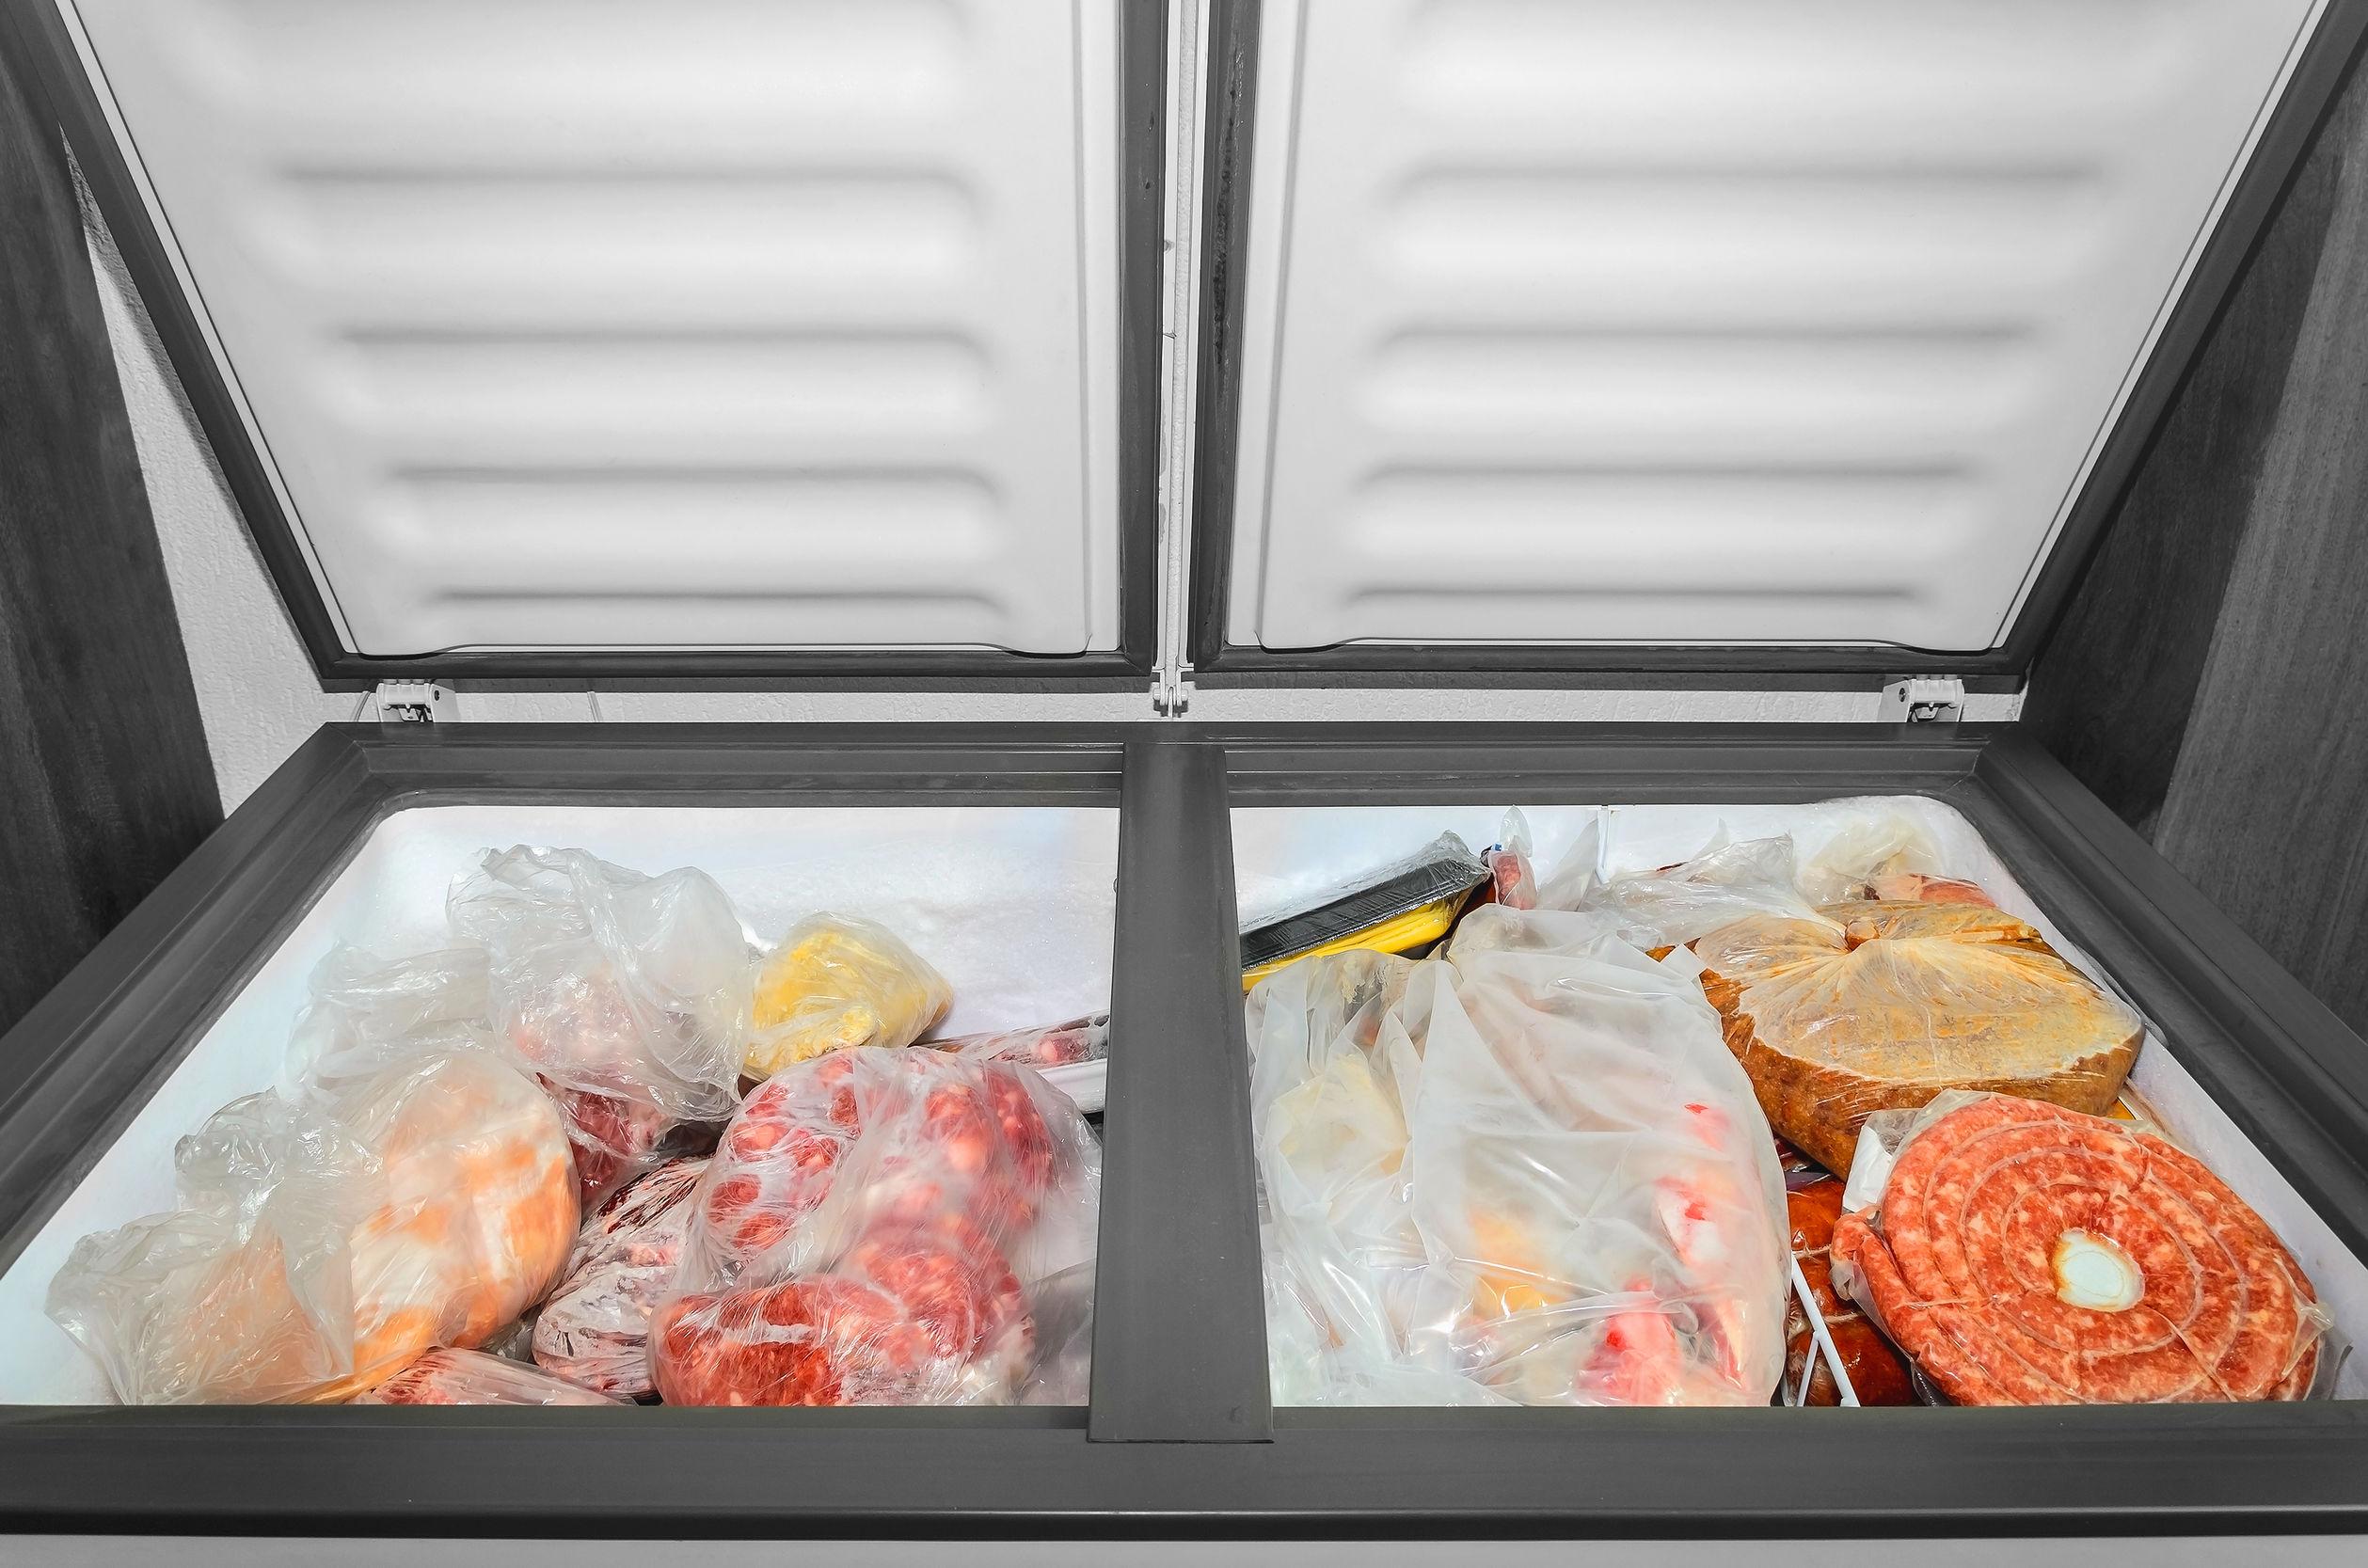 Na foto um freezer horizontal aberto com carnes, pães e linguiças dentro.